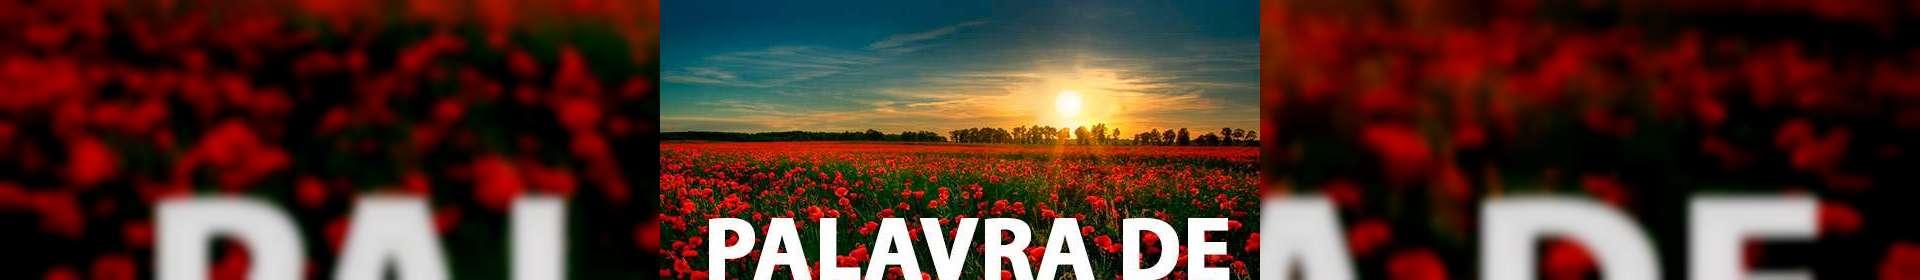 Êxodo 12:13 - Uma Palavra de Esperança para sua vida